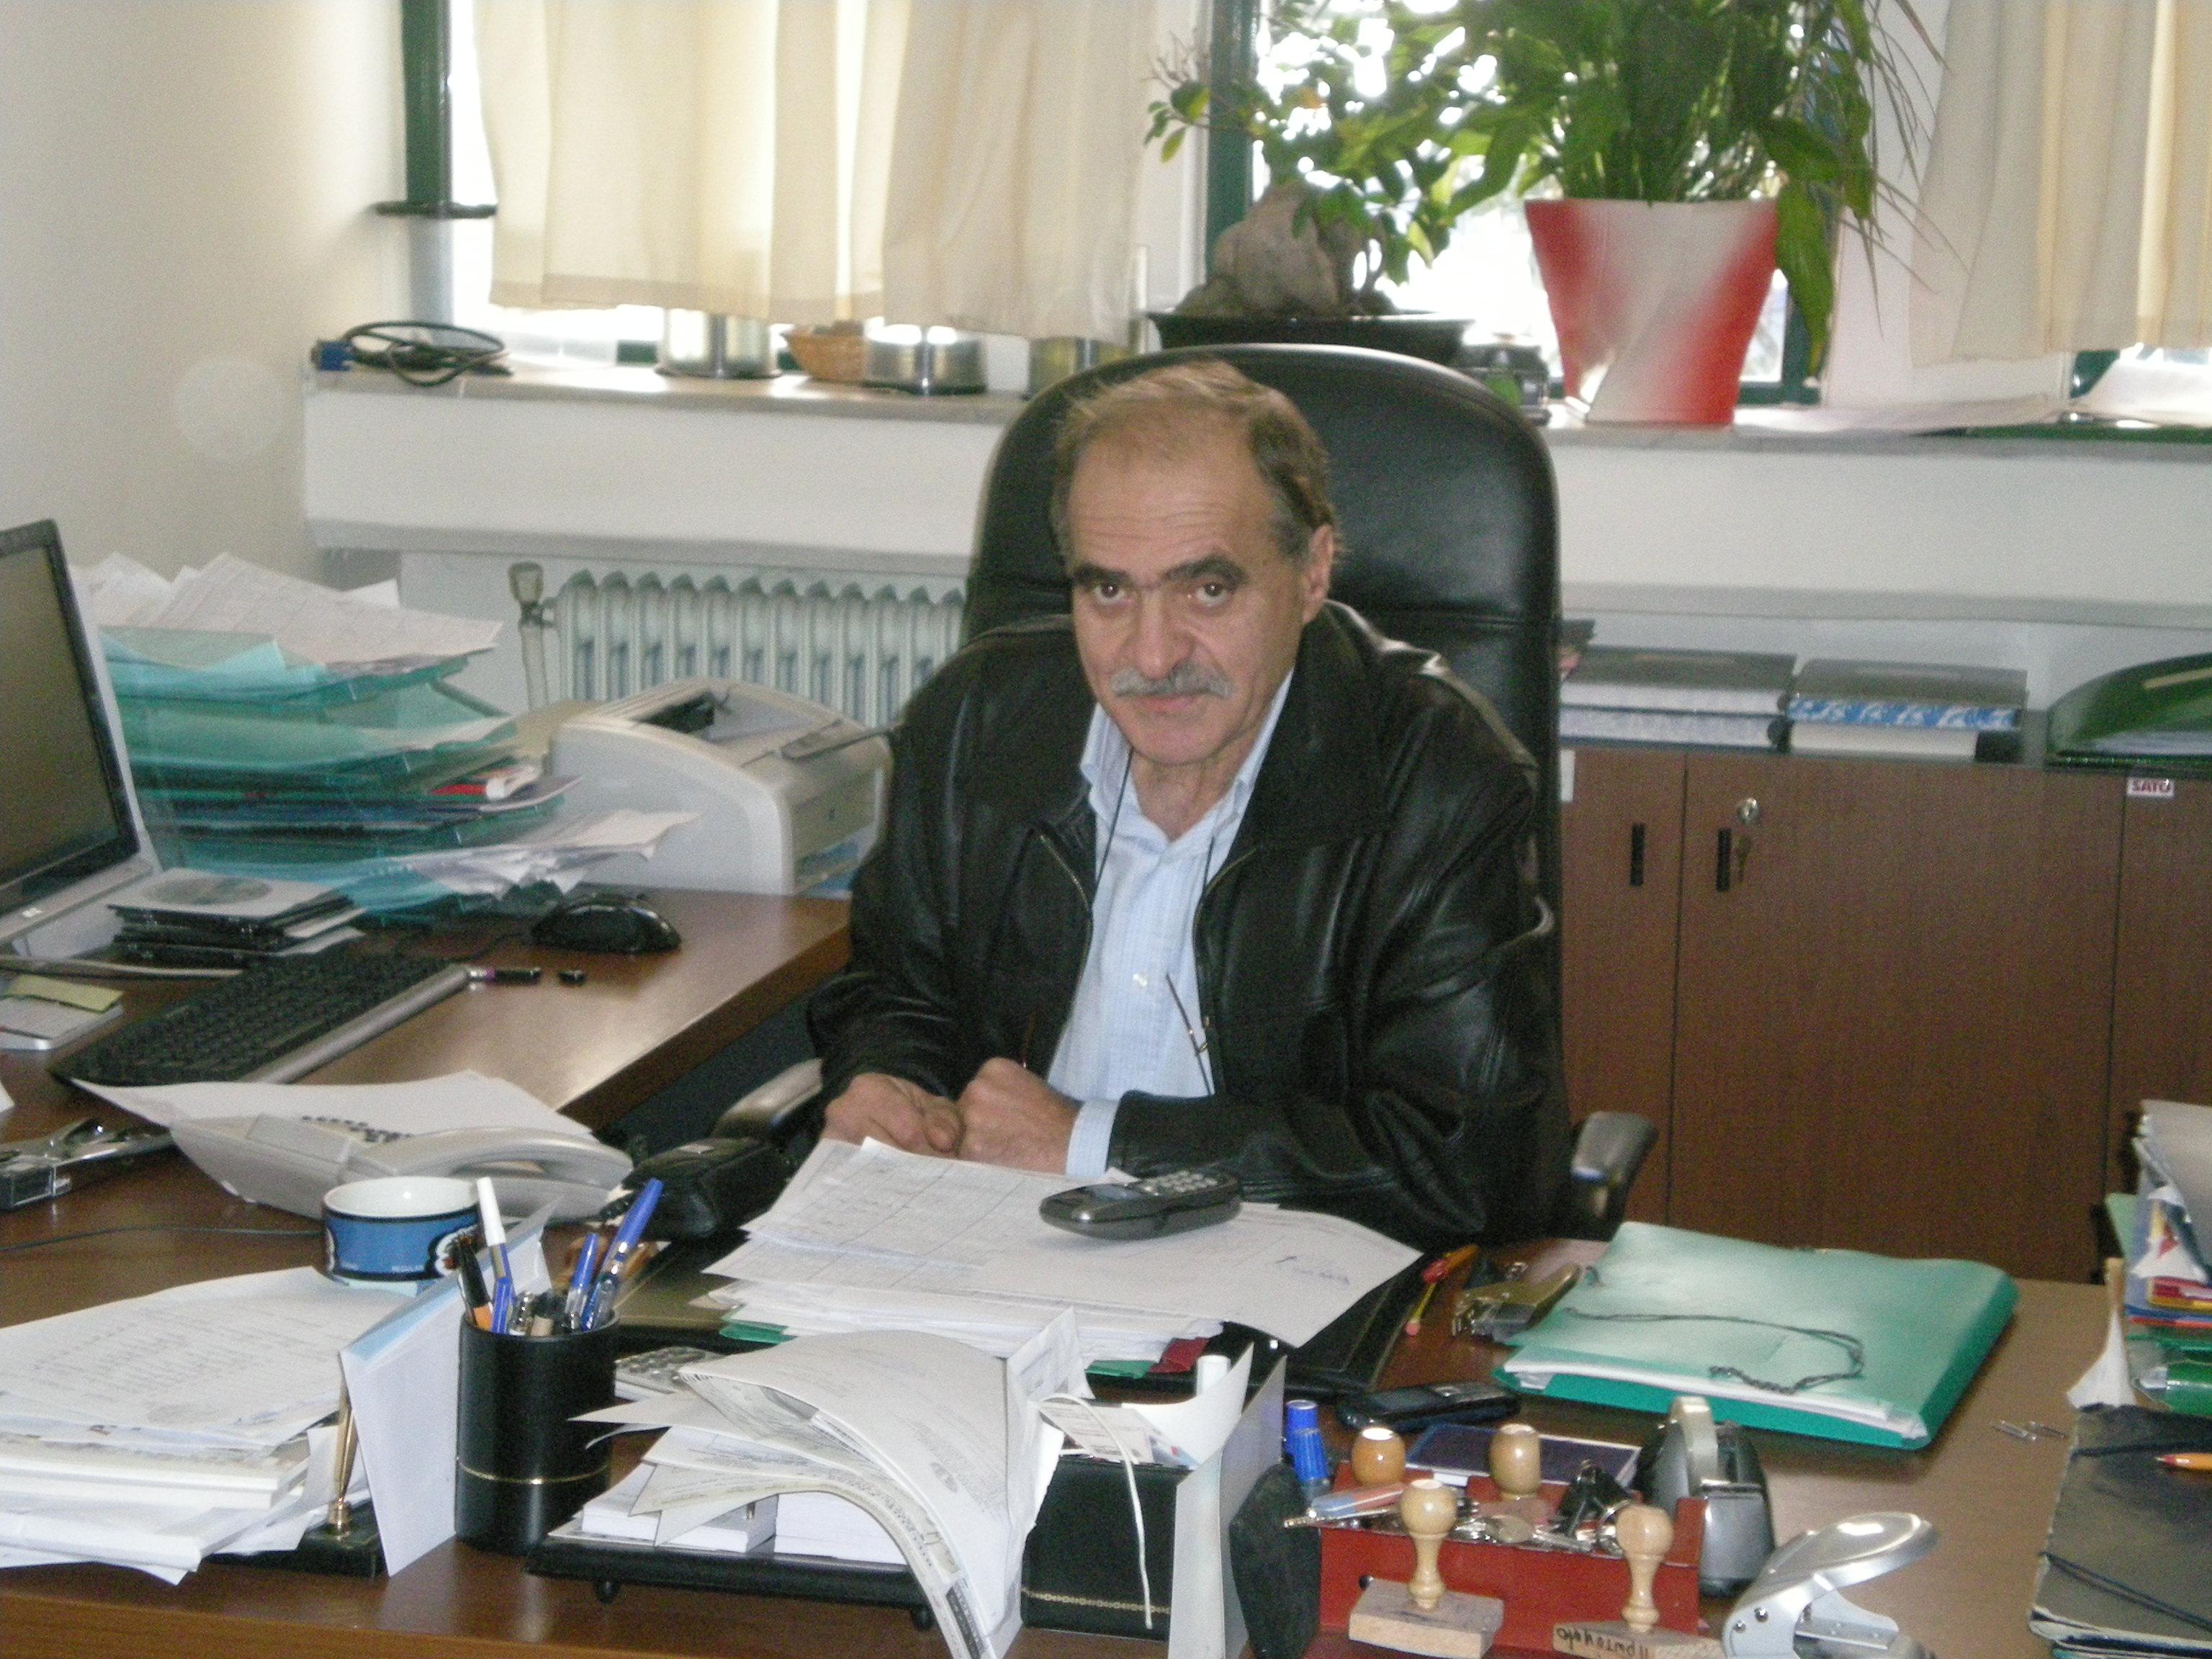 Ο κ. Γ. Καπούλας, Διευθυντής του σχολείου μας, 2ου Λυκείου Ευόσμου